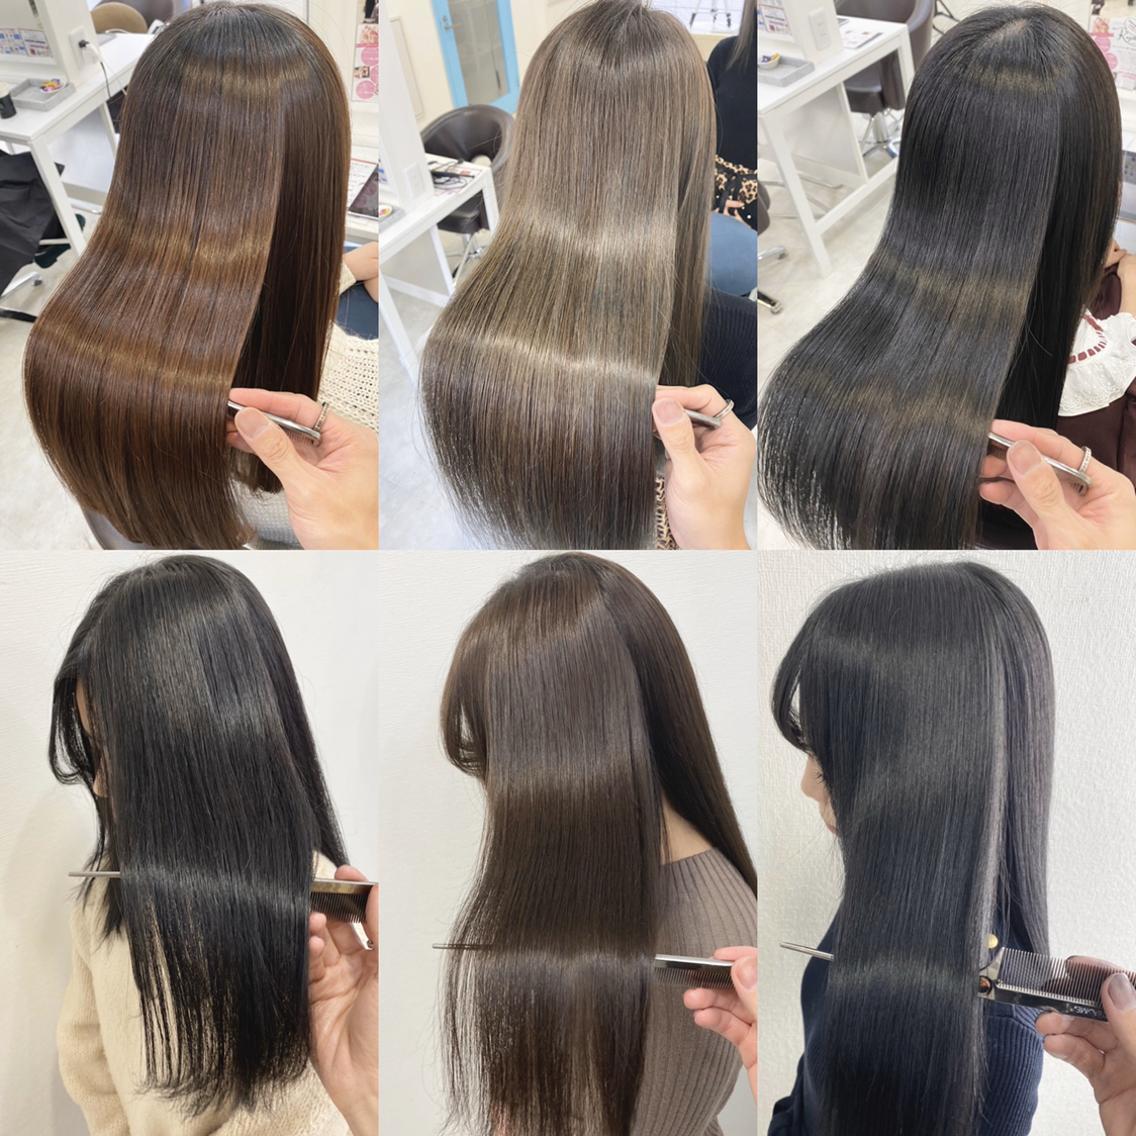 💘髪質改善No1.LetizbyONE's💘所属・⭐️髪質改善【店長】 Letizカノト⭐️の掲載